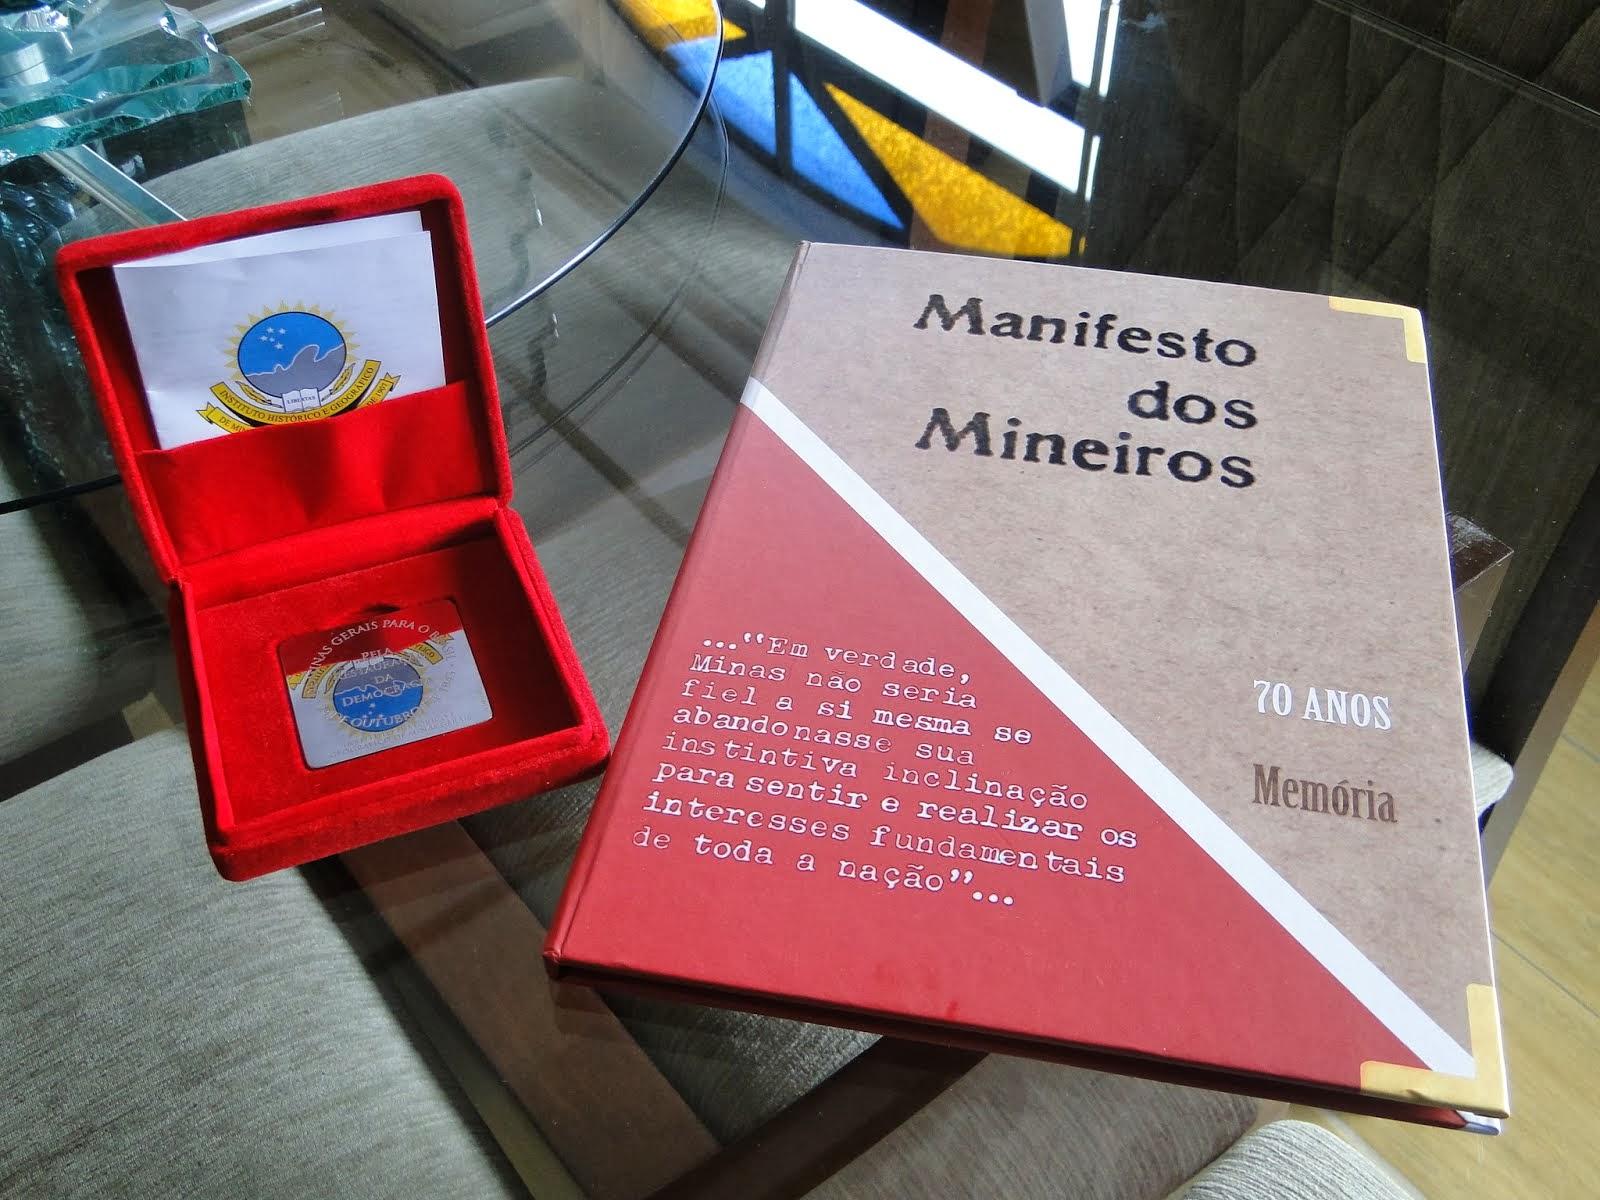 COMENDA - MANIFESTO DOS MINEIROS - 70 ANOS